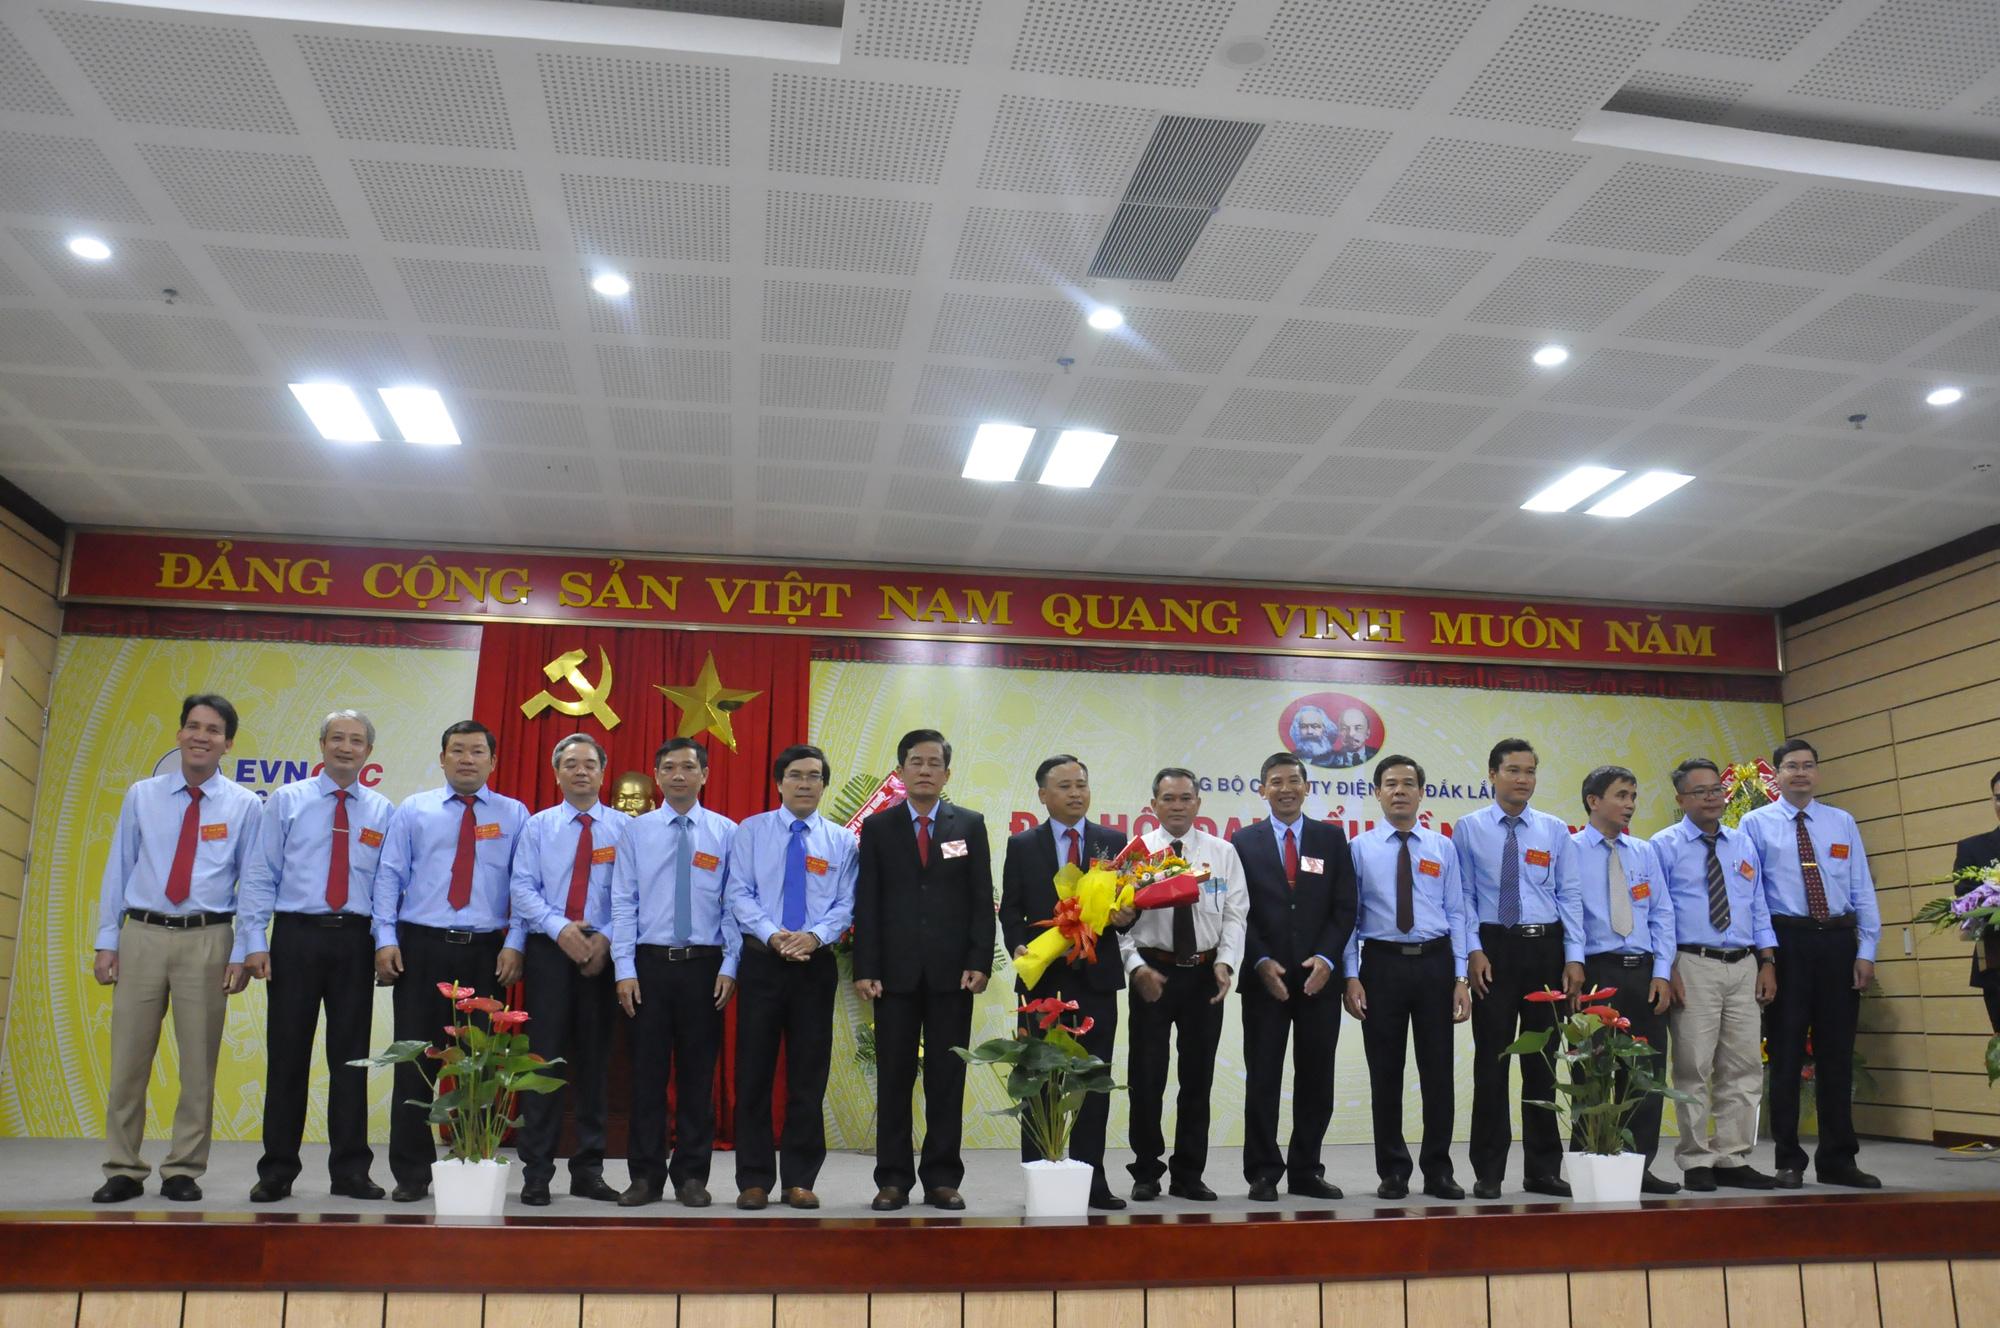 Công ty Điện lực Đắk Lắk tổ chức thành công Đại hội Đảng bộ lần thứ XVI, nhiệm kỳ 2020-2025 - Ảnh 3.